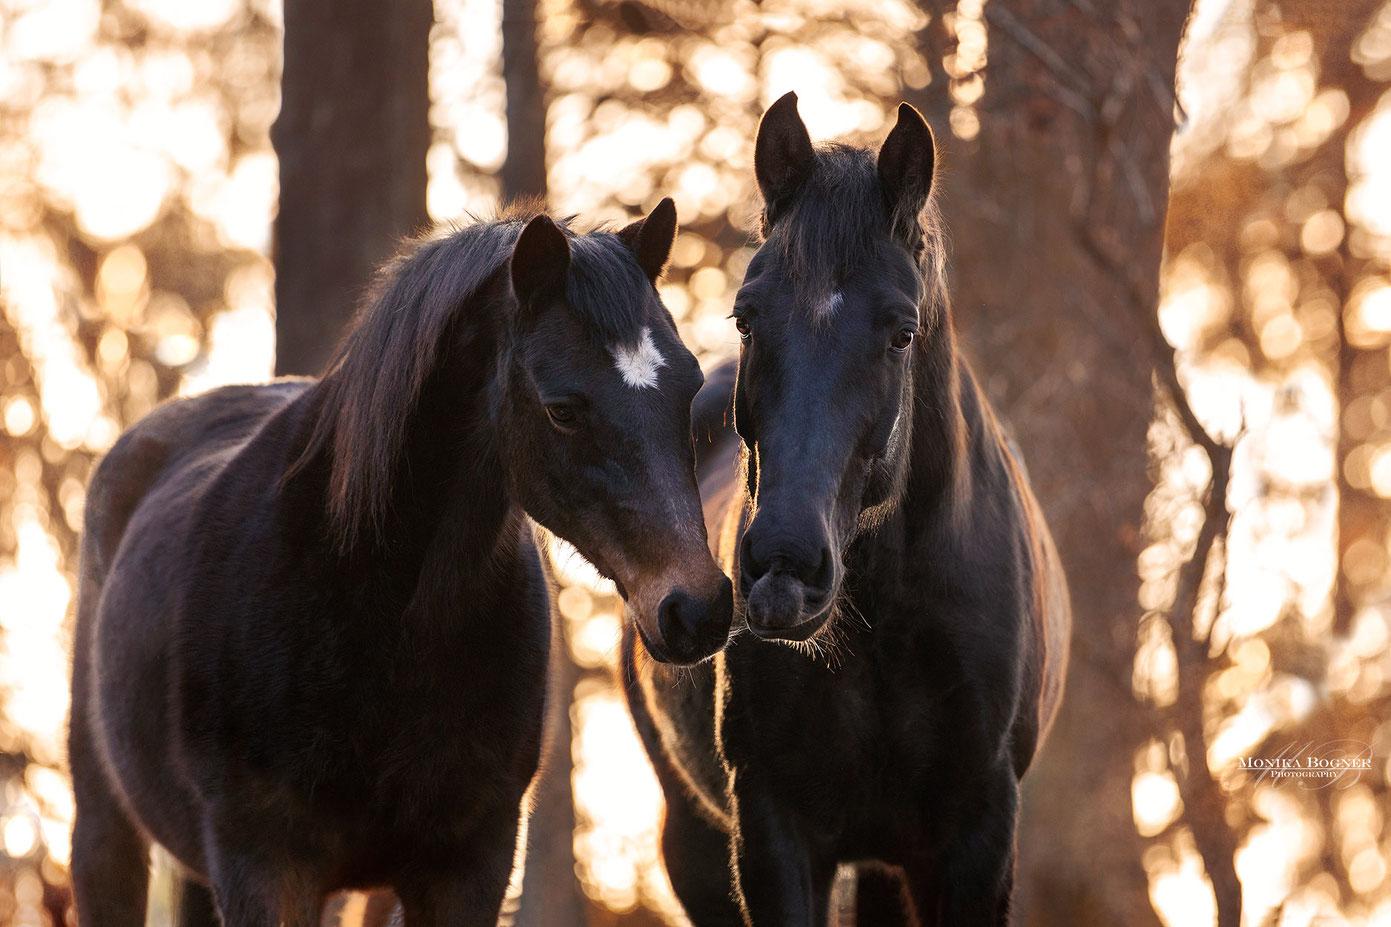 Zwei Pferde im Sonnenuntergang, Pferdeshooting im Winter